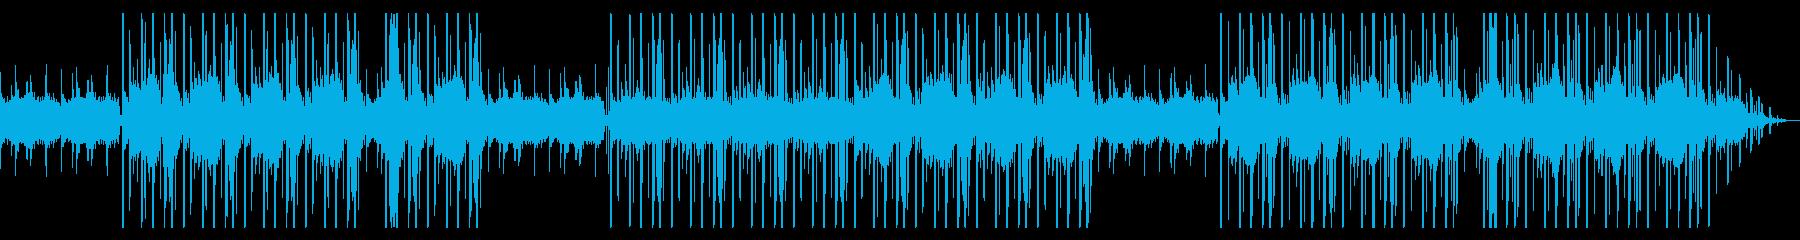 コーラス 落ち着いたアートヒップホップの再生済みの波形